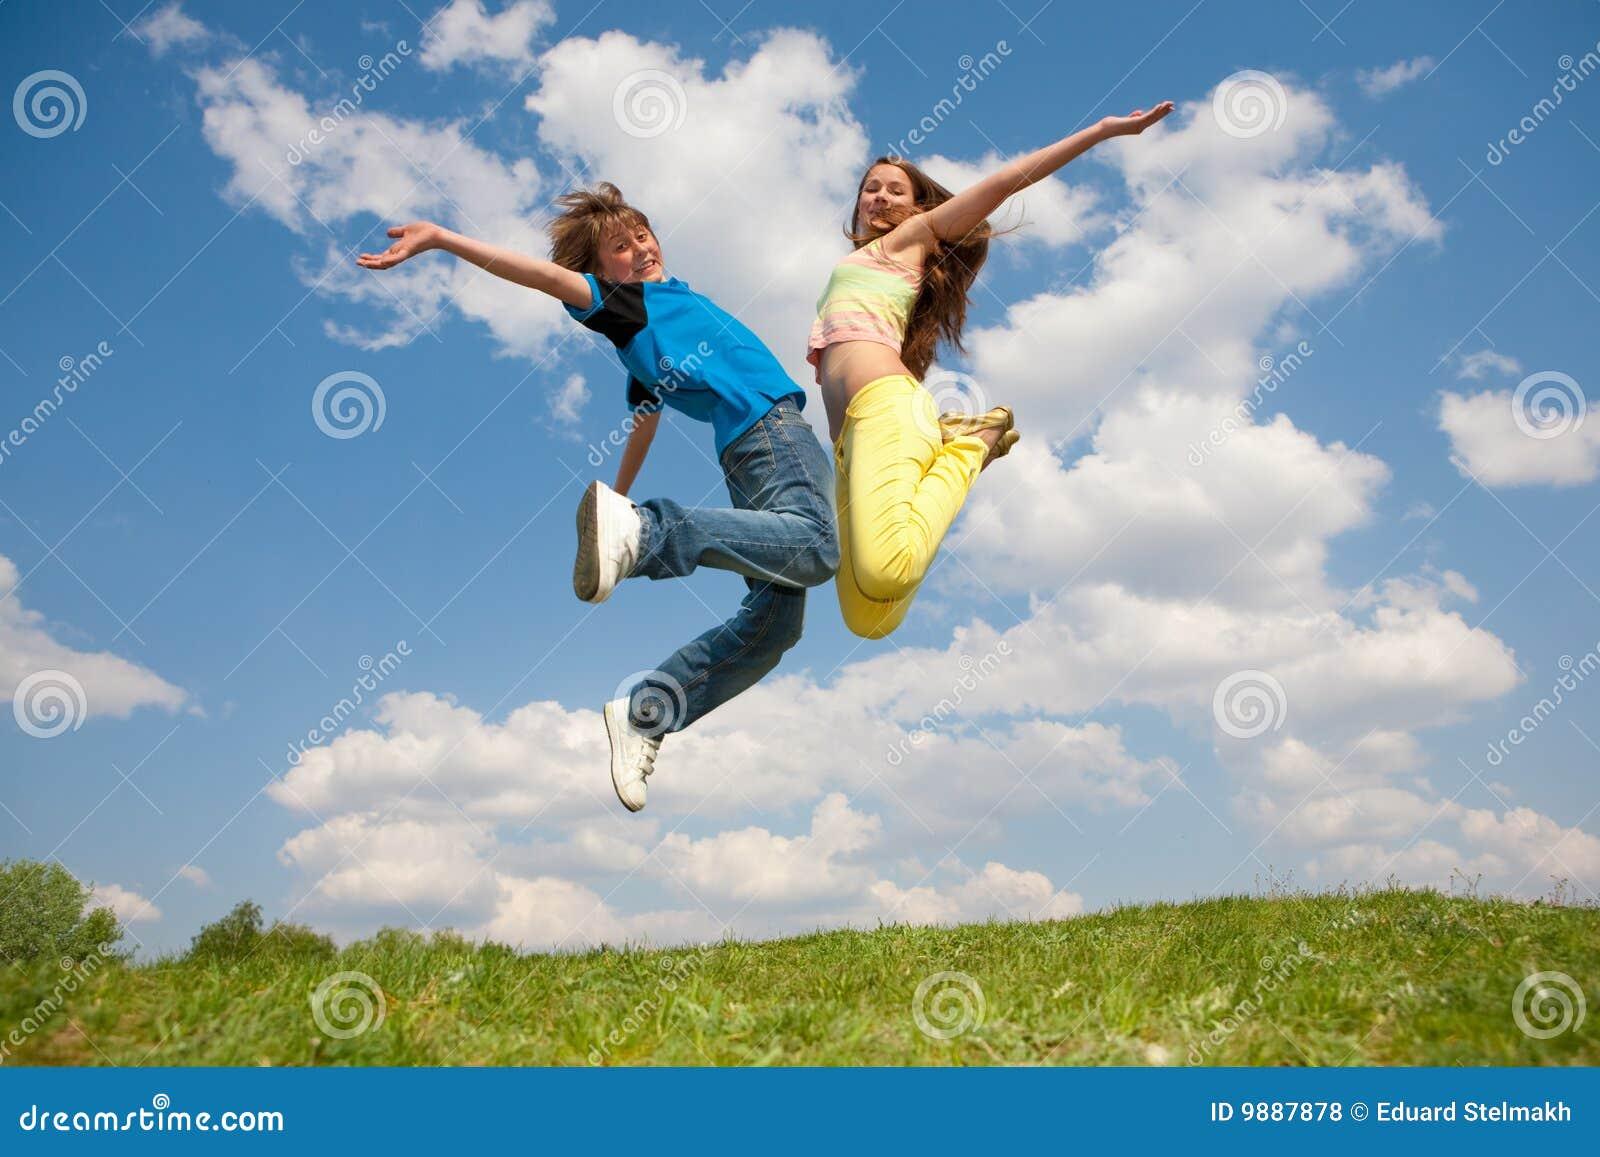 Mädchen und Junge - springend unter Himmel